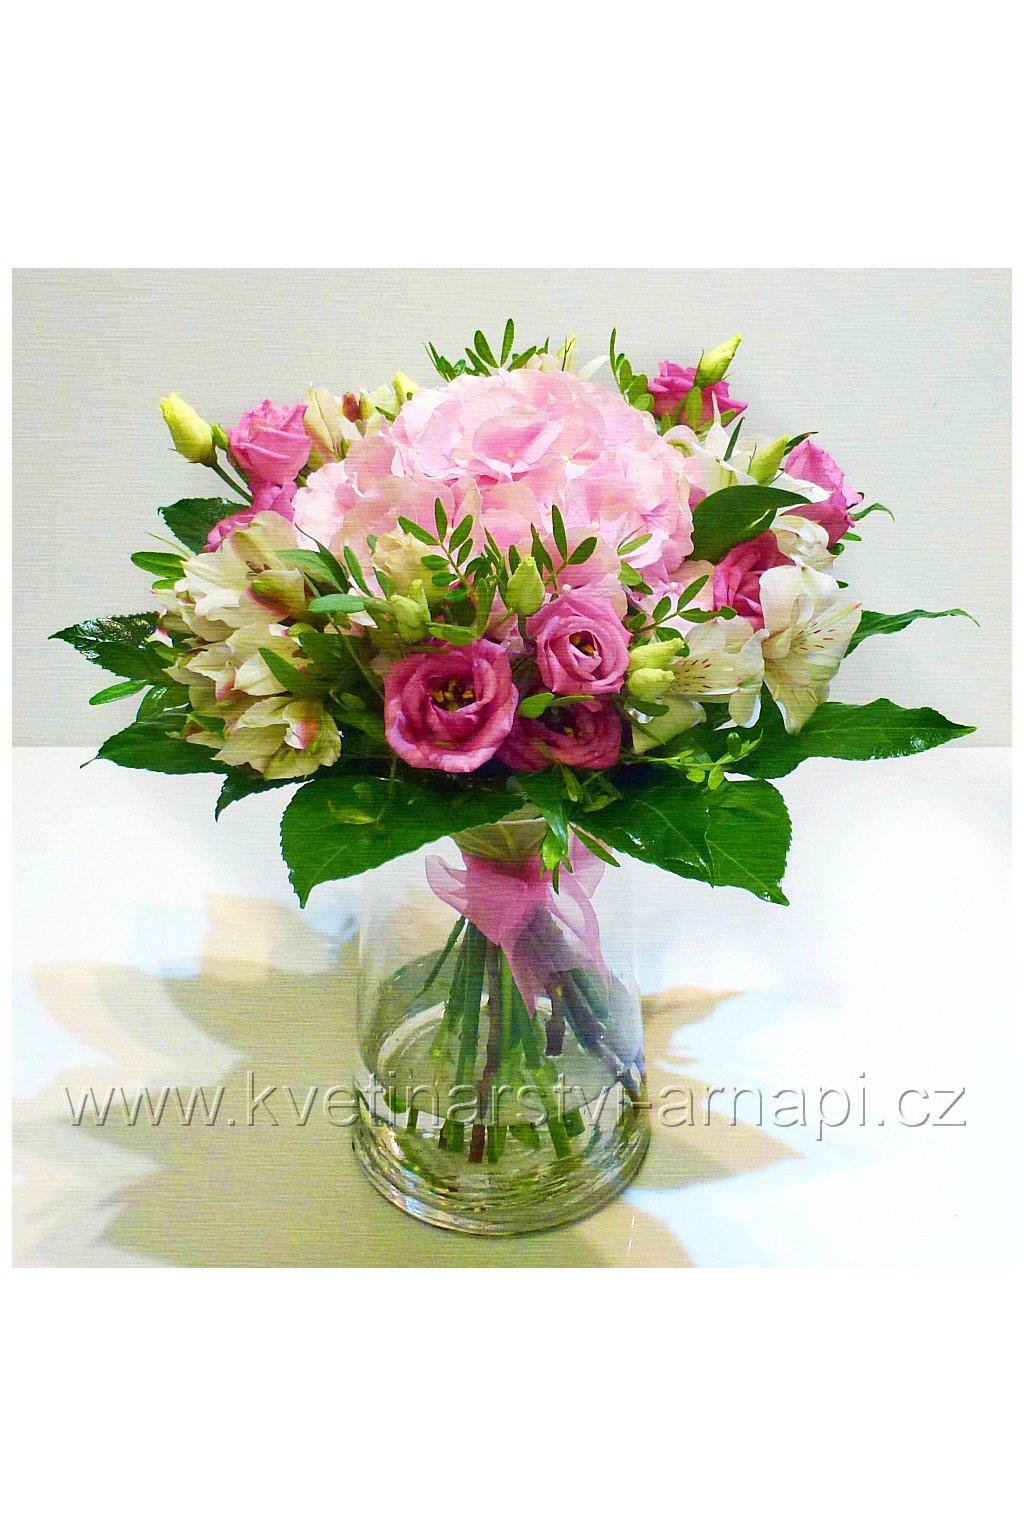 kytice darkova hortenzie kvetiny kvetinarstvi arnapi